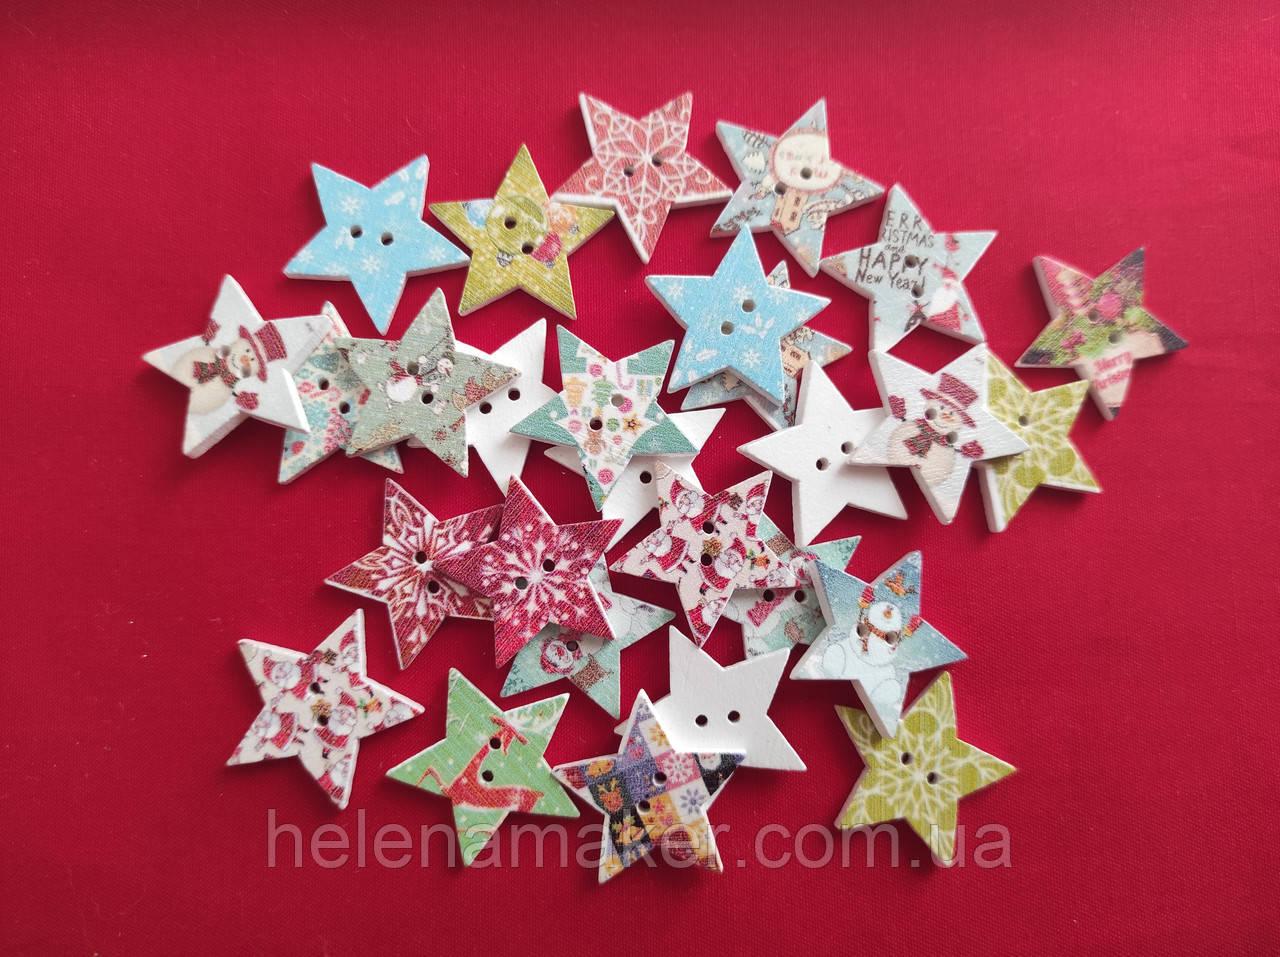 Деревянная декоративная пуговица Новогодняя звездочка 25*25 мм